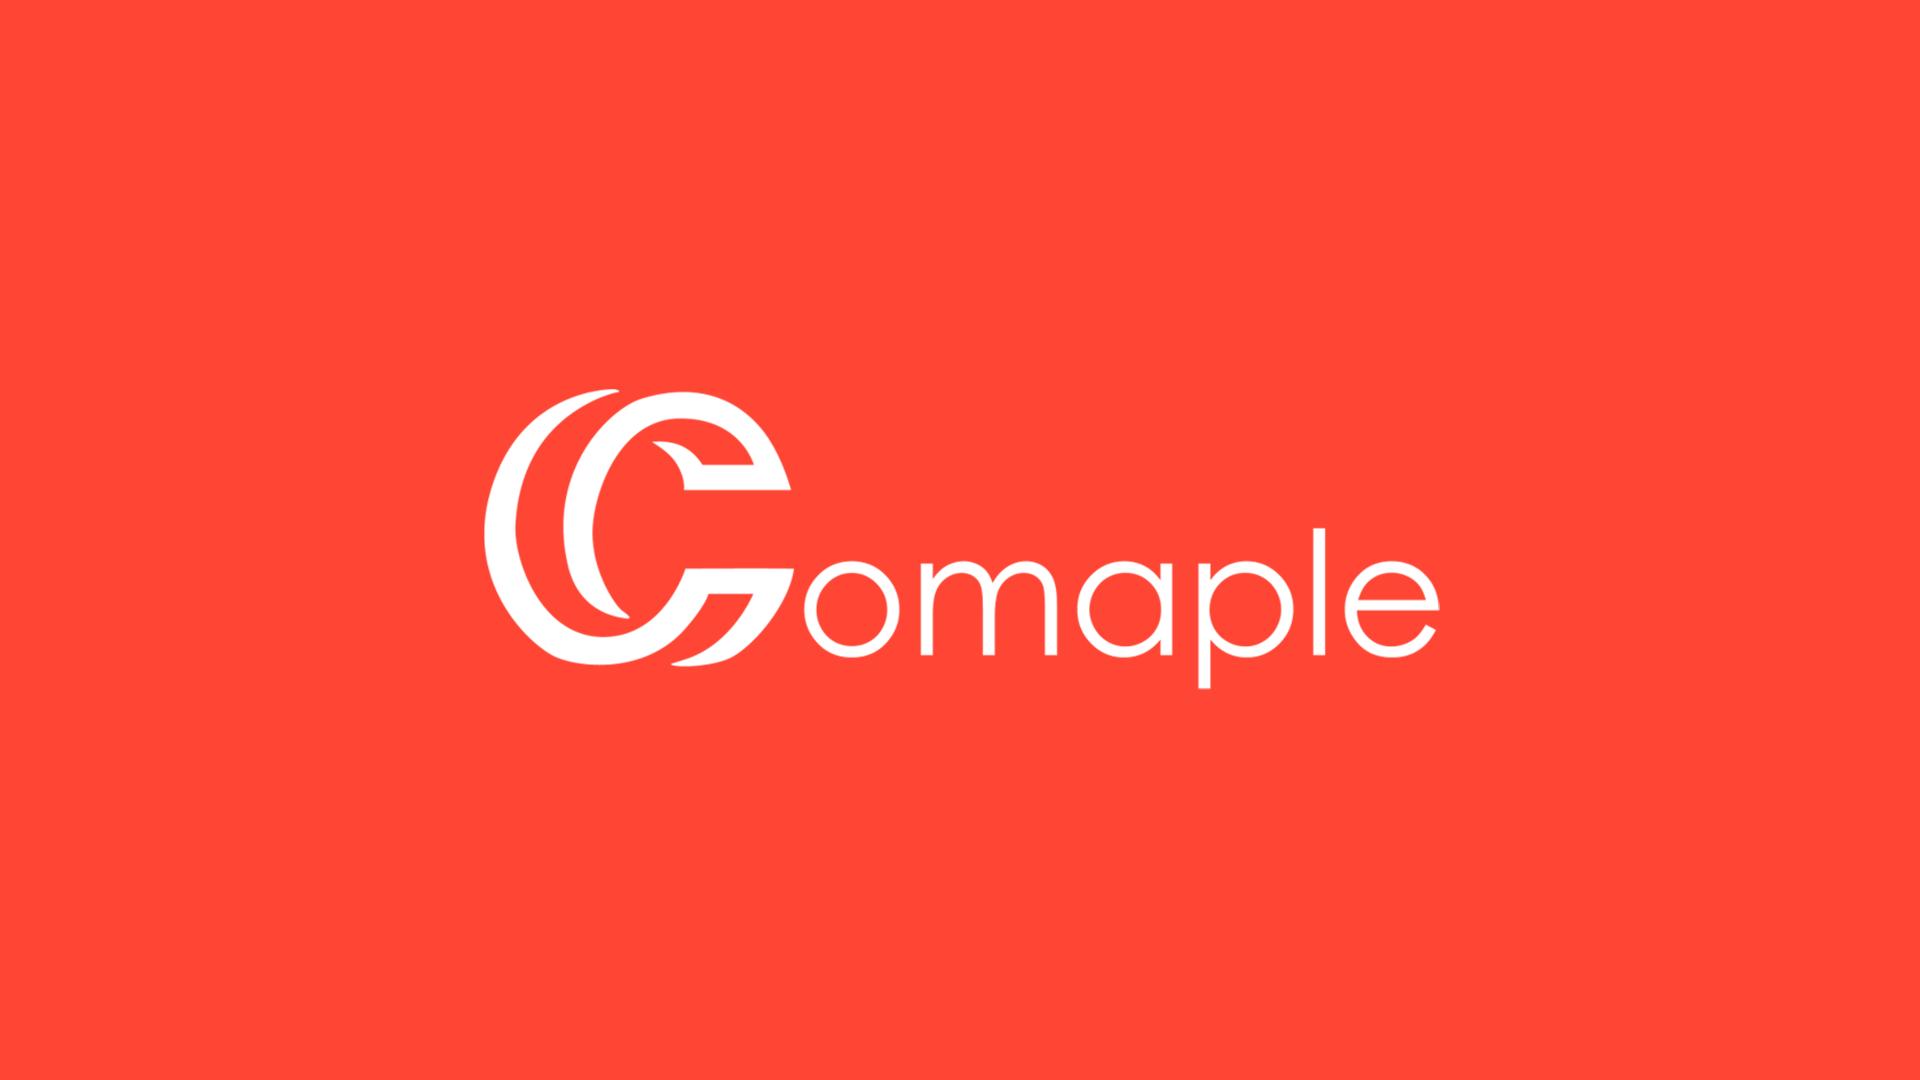 Comaple-2.png